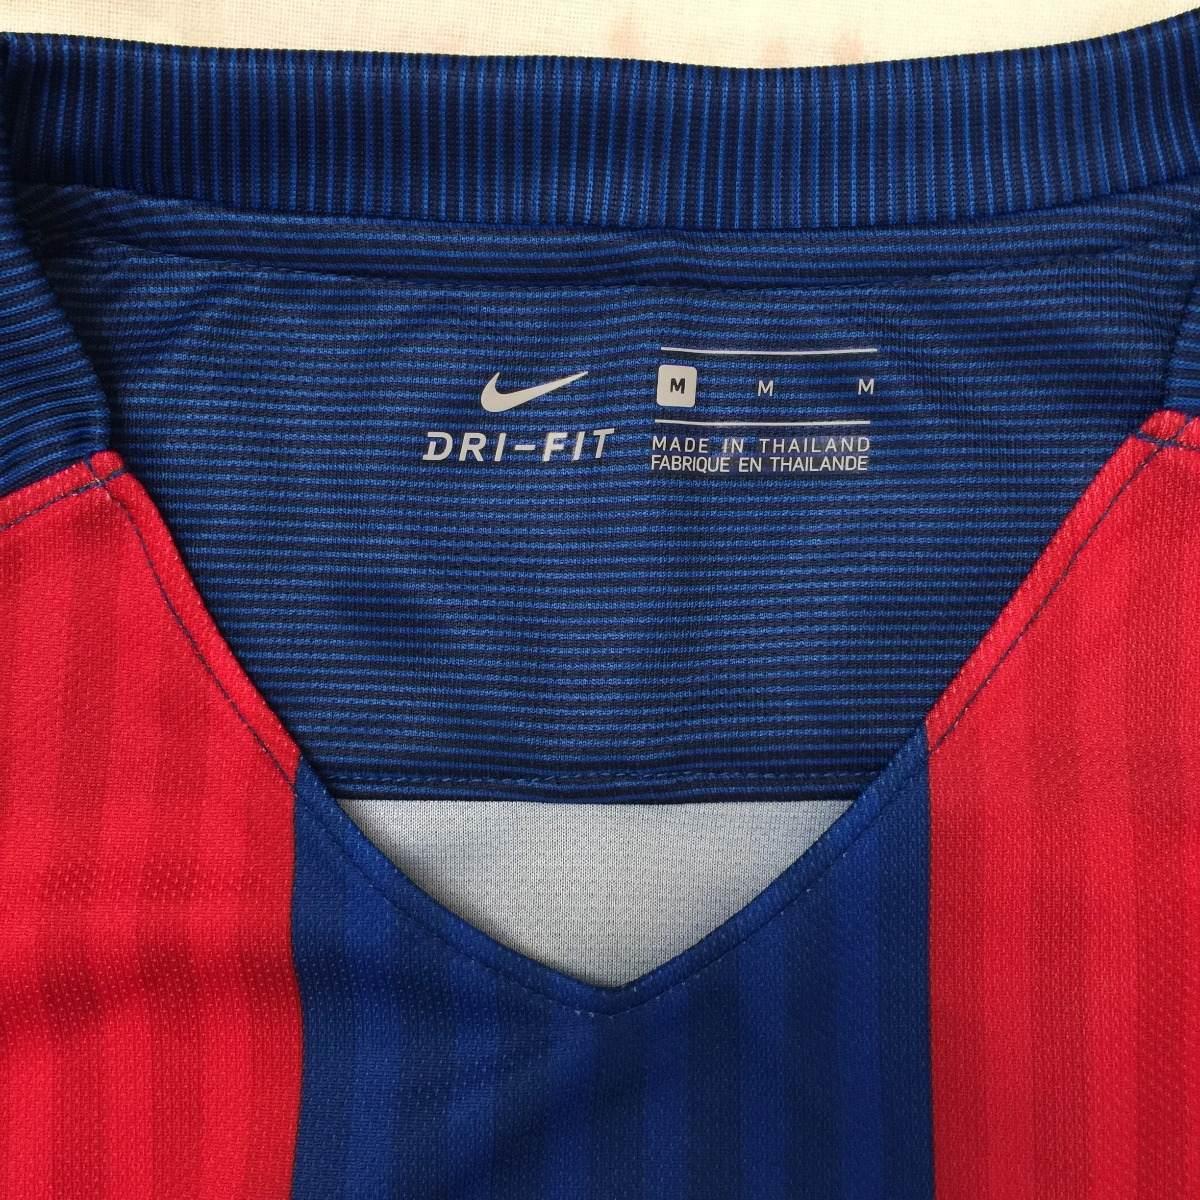 6a7f95b10f 776850-415 Camisa Nike Barcelona Home 16 17 M Fn1608 - R  1.499